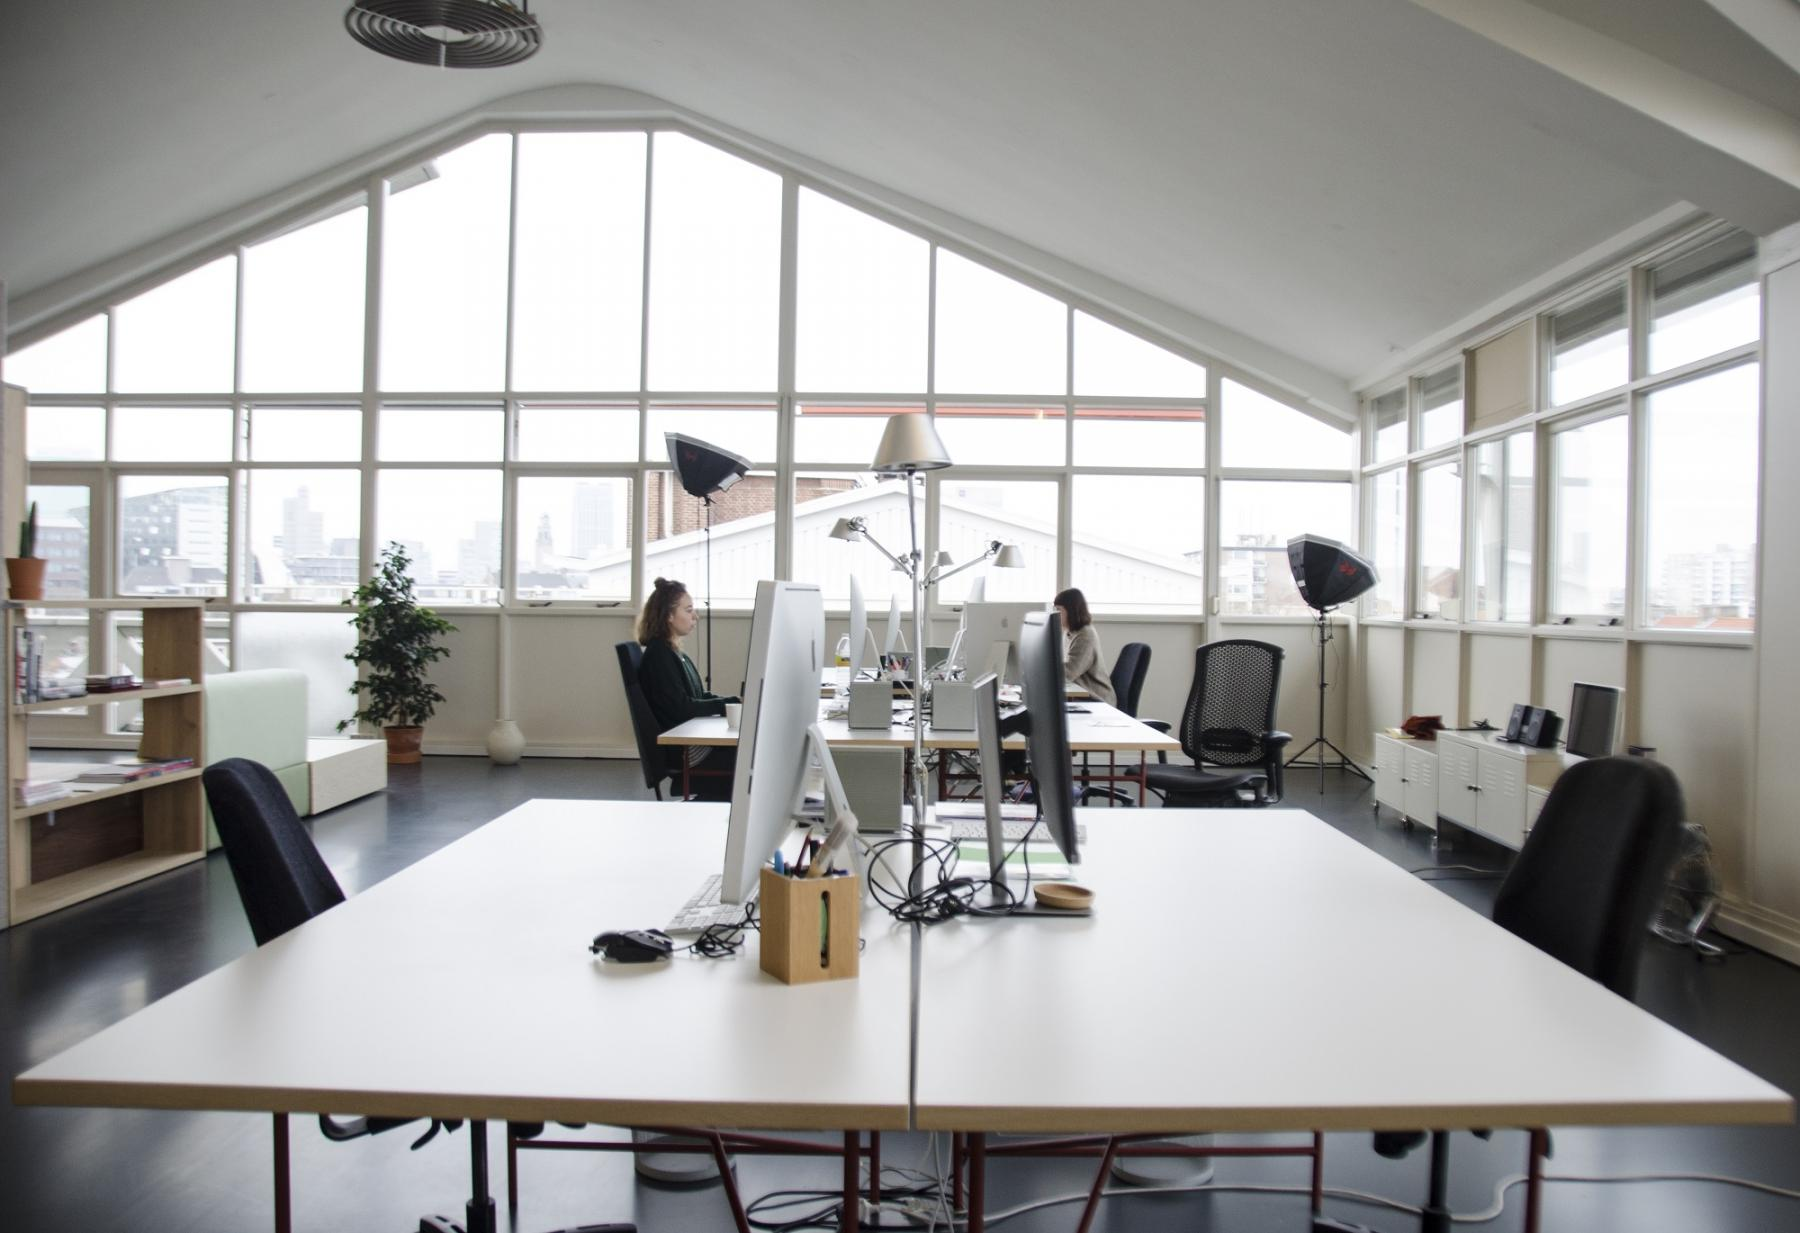 office room working desks windows bright